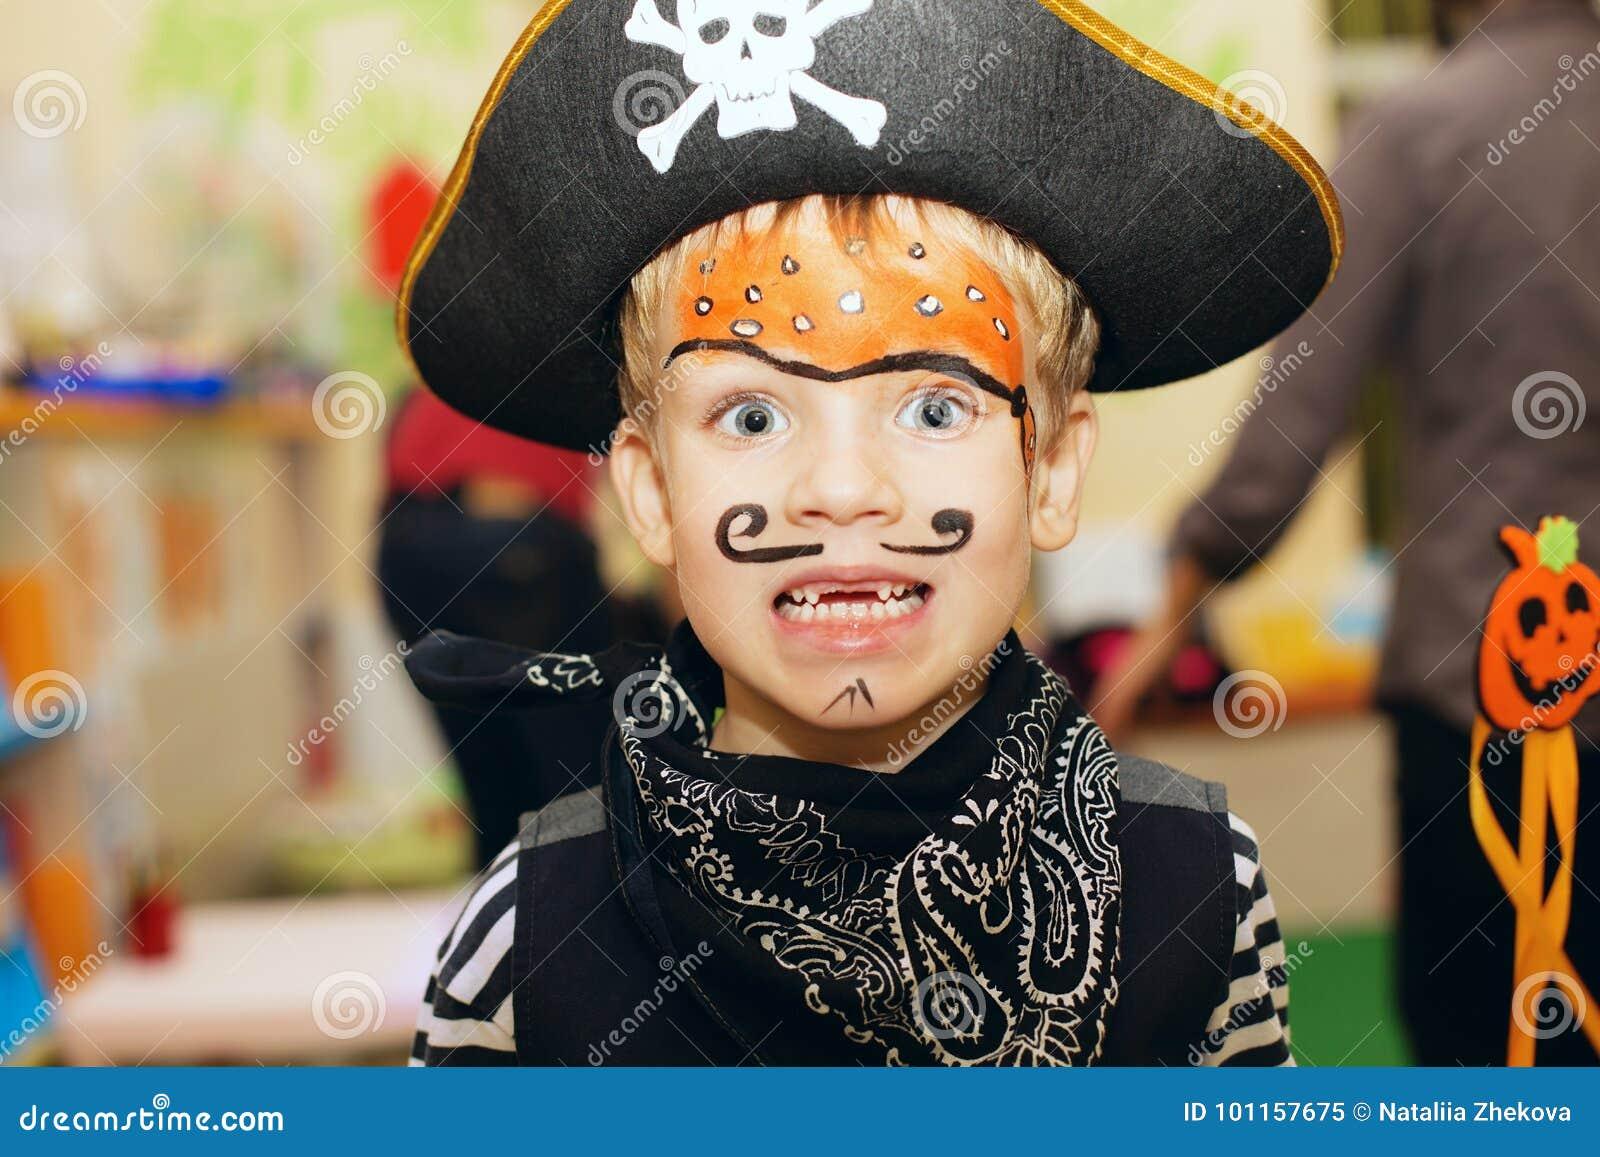 Réception de Veille de la toussaint Un petit garçon dans un costume de  pirate et un maquillage sur son visage profite d\u0027un agréable moment à la  partie de